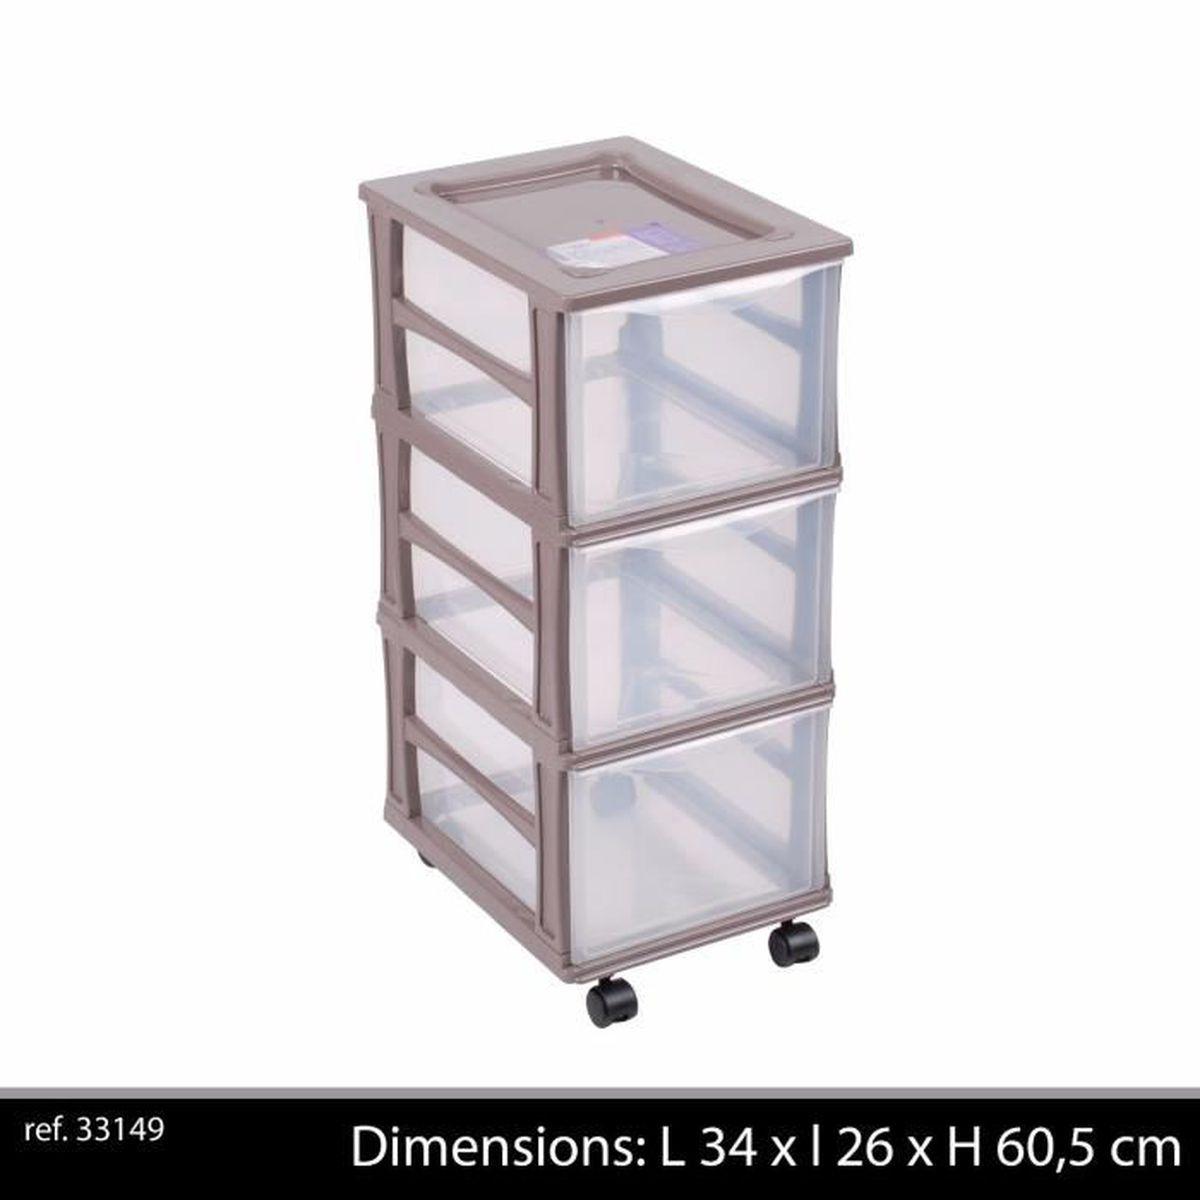 petit meuble de bureau a tiroir achat vente petit meuble de bureau a tiroir pas cher cdiscount. Black Bedroom Furniture Sets. Home Design Ideas